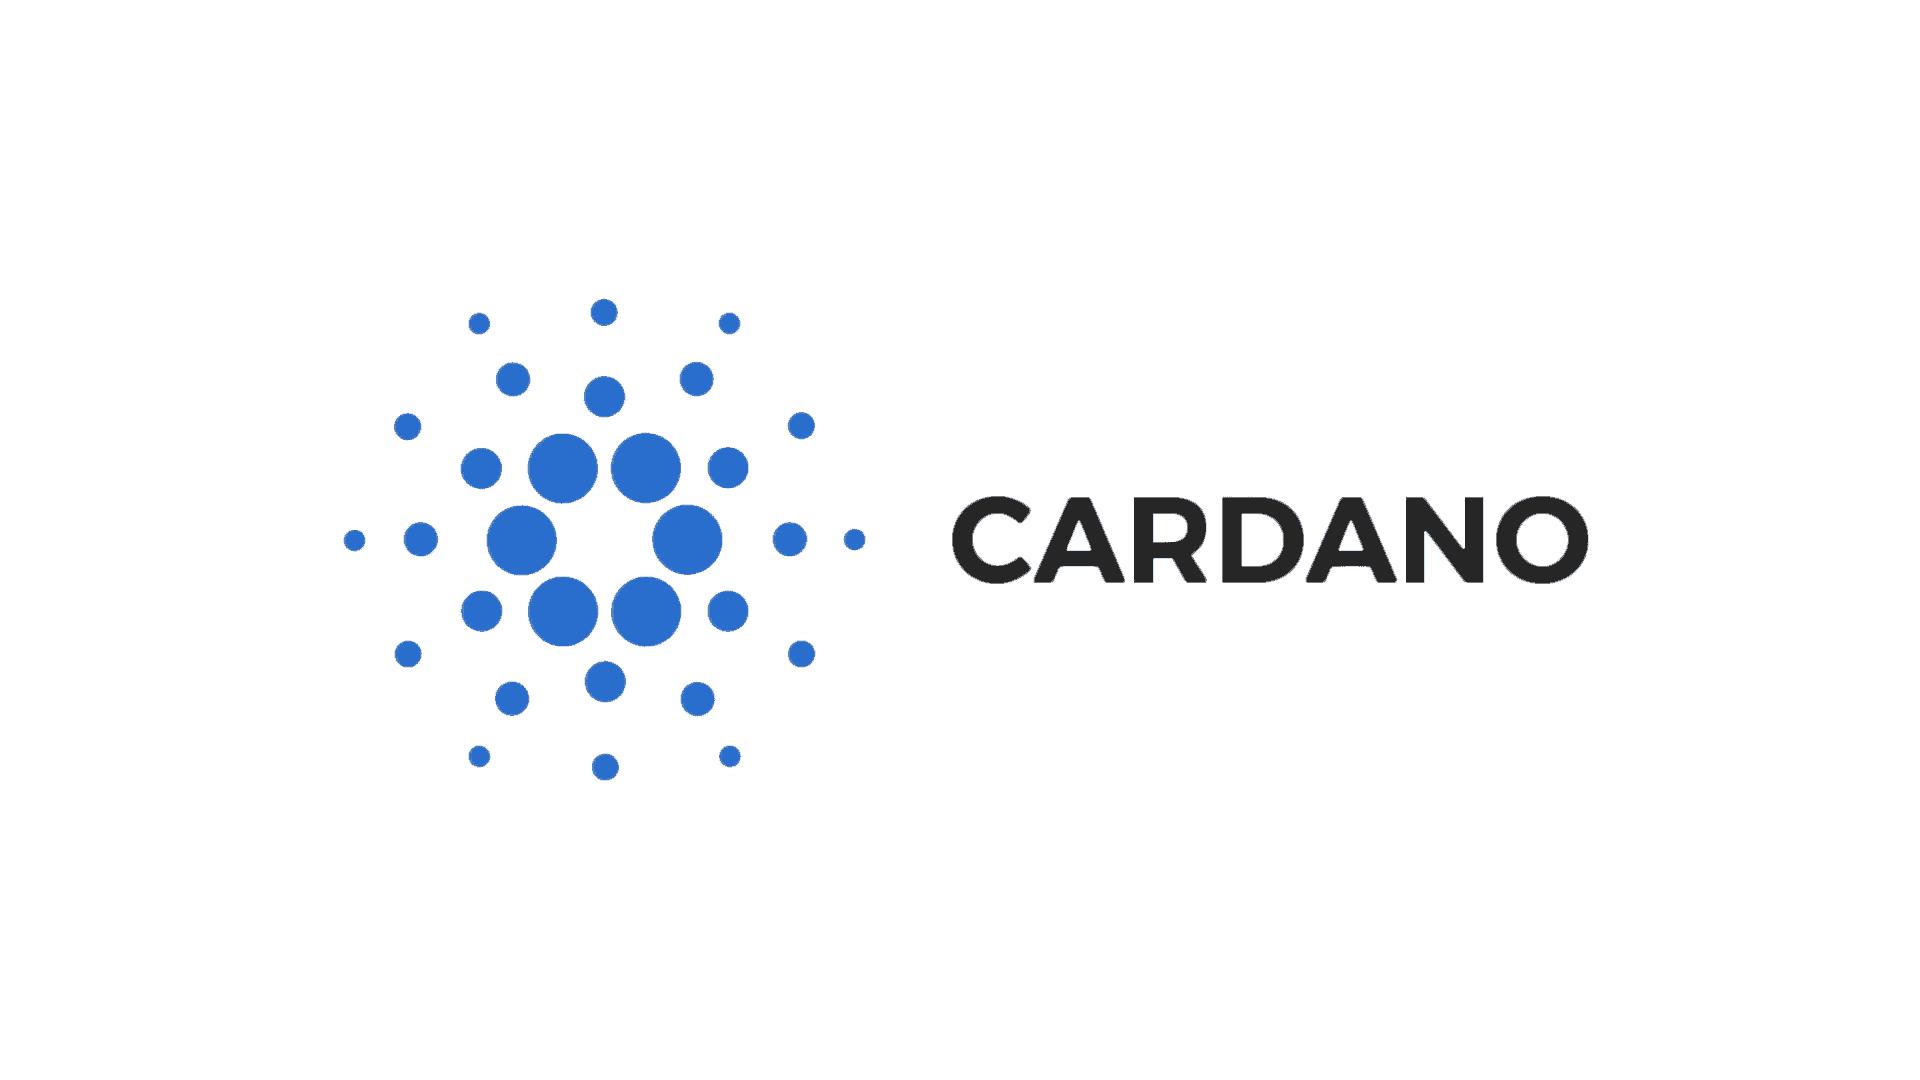 پشتیبانی از رمزارز کاردانو (Cardano) در پلتفرم معاملاتی والکس